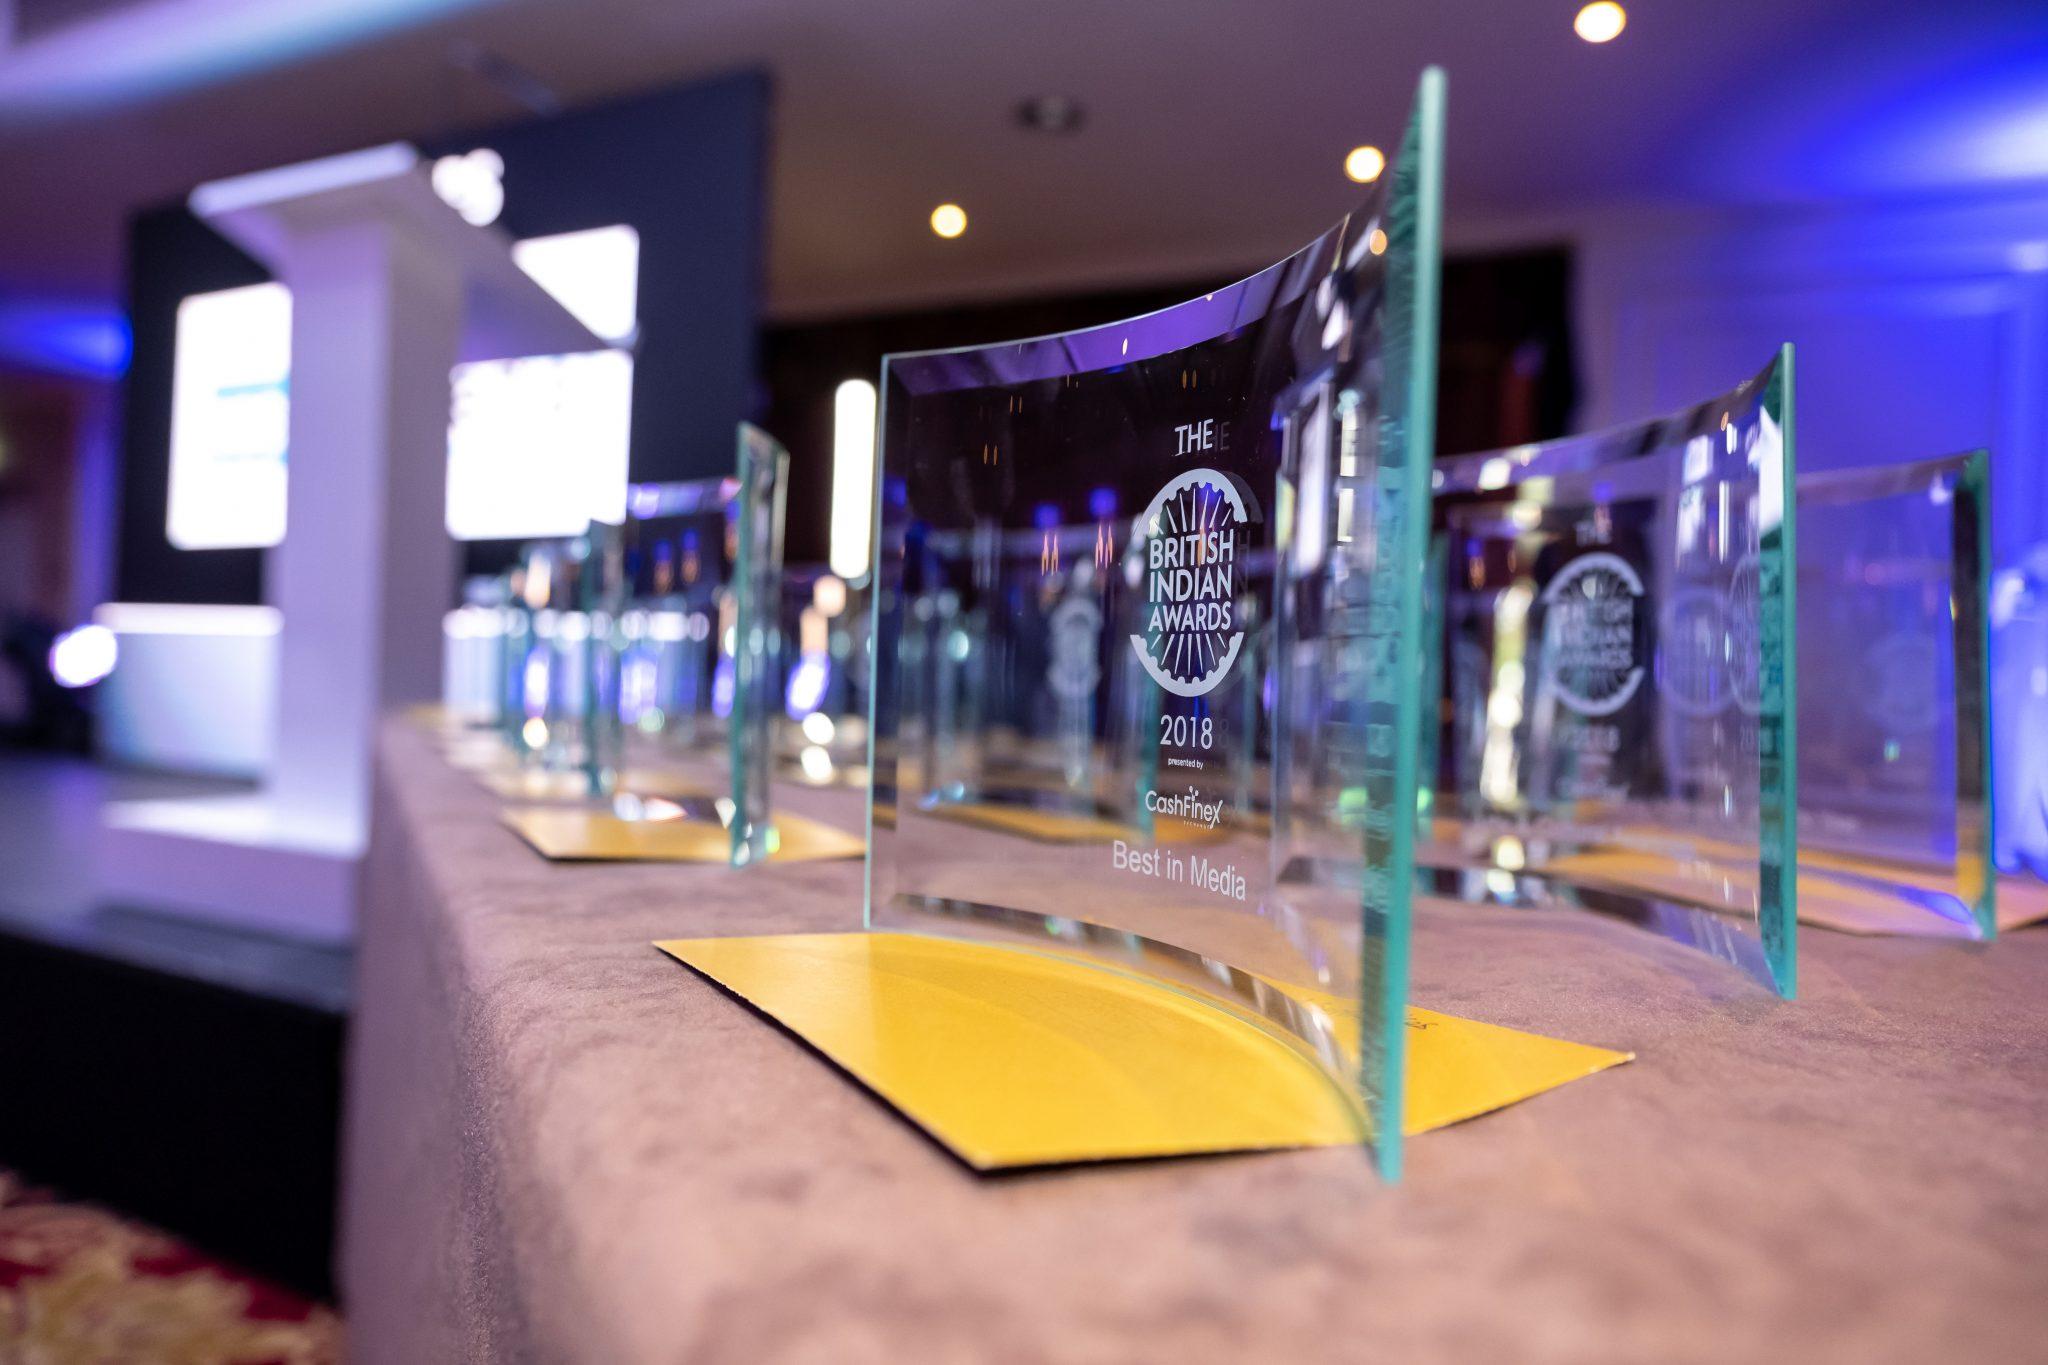 BritishIndianAwards18005 - British Indian Awards 2018 St Johns Hotel